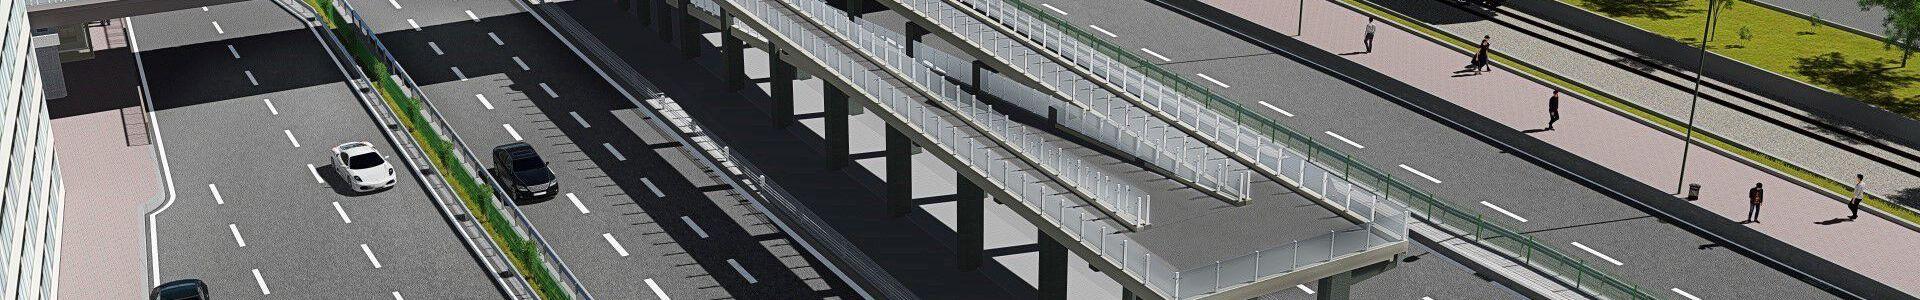 Şirinevler Metrobus Pedestrian Bridge